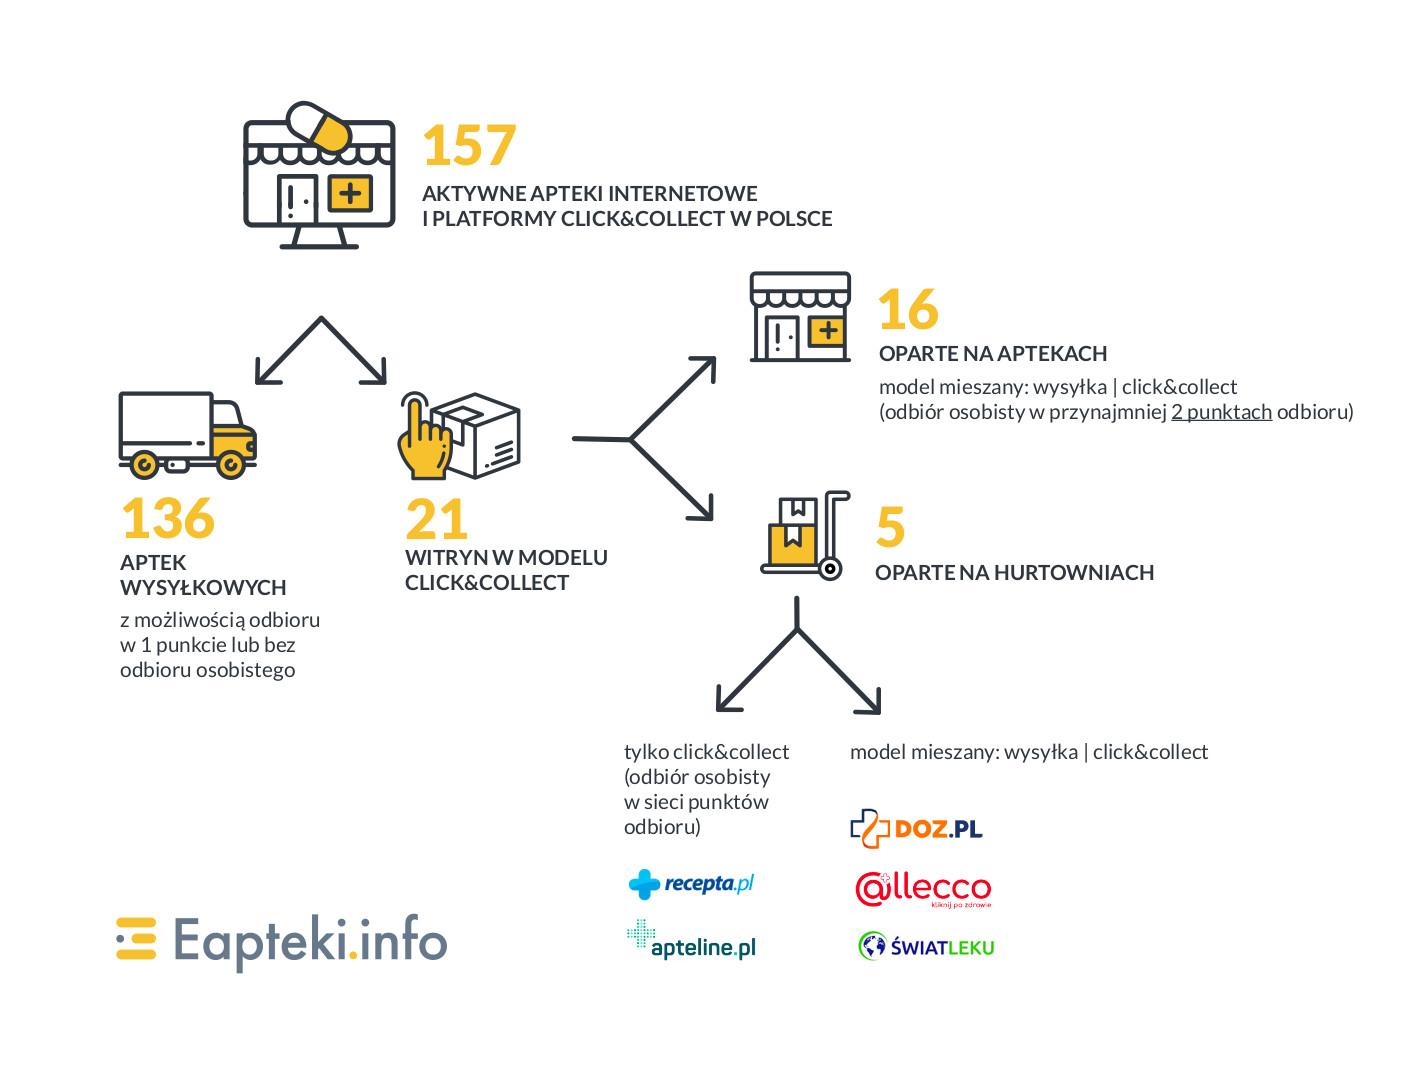 apteki internetowe: wysyłkowe i click@collect